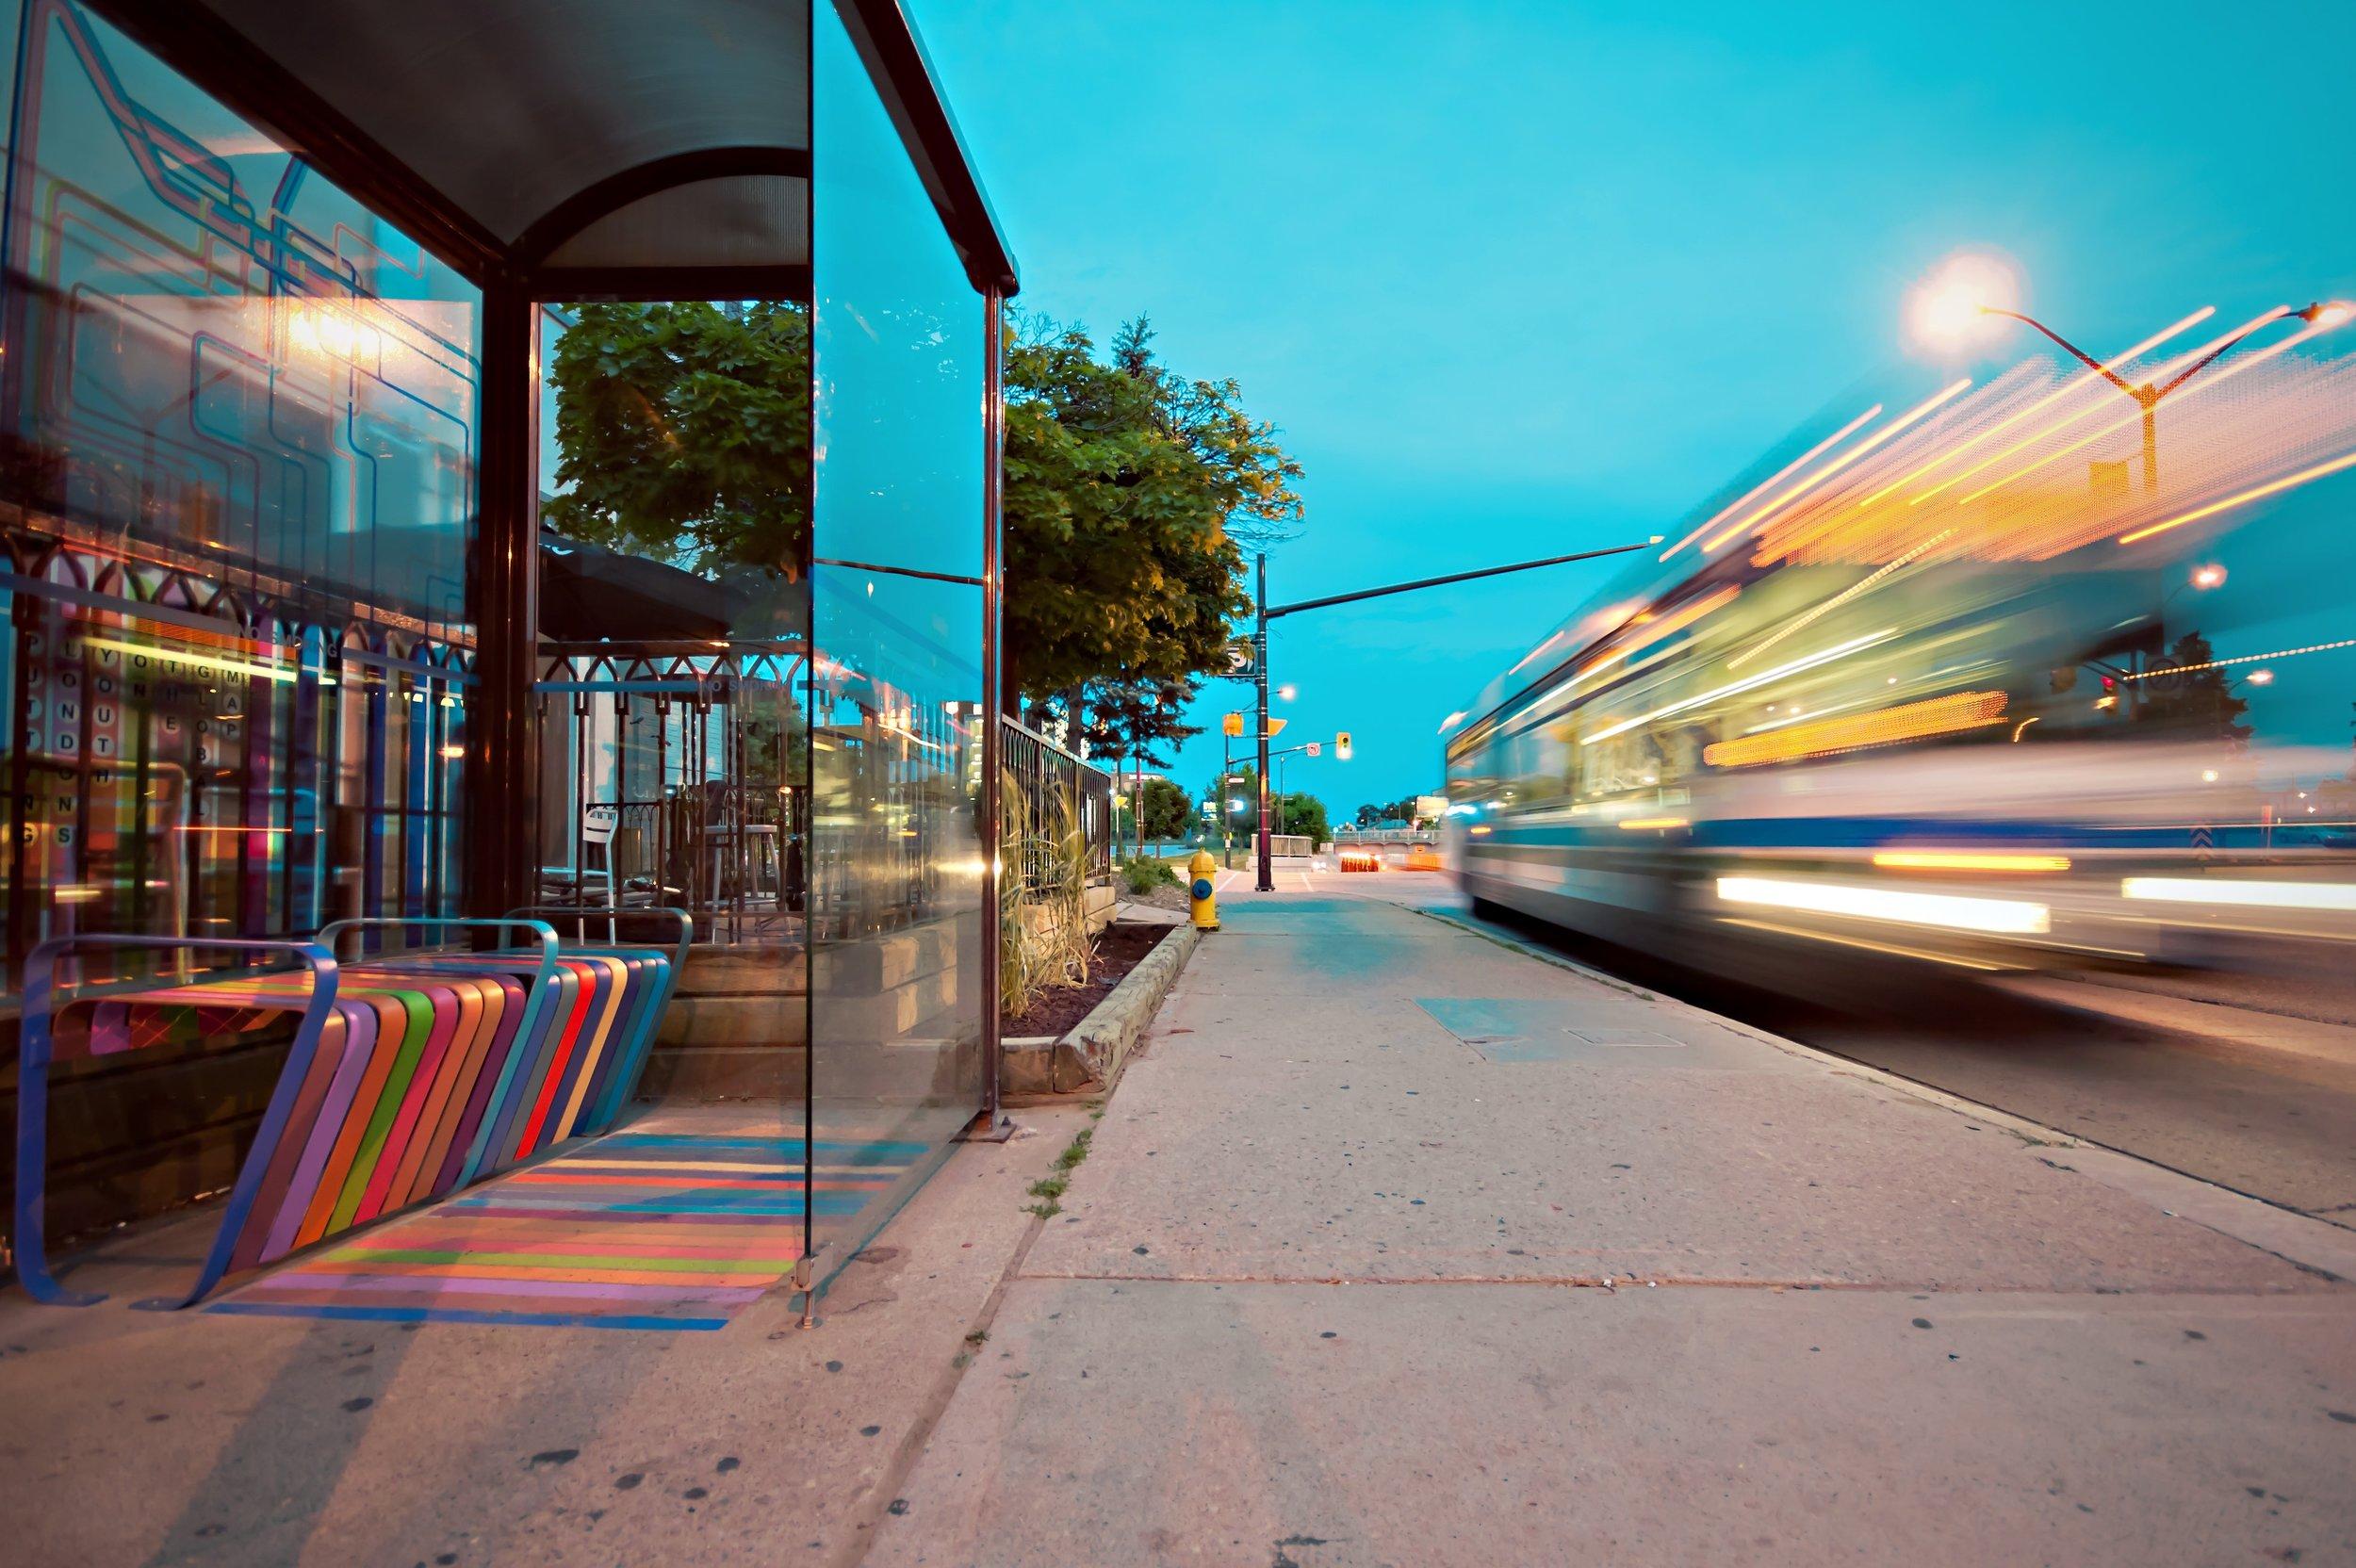 architecture-bench-blur-136739.jpg